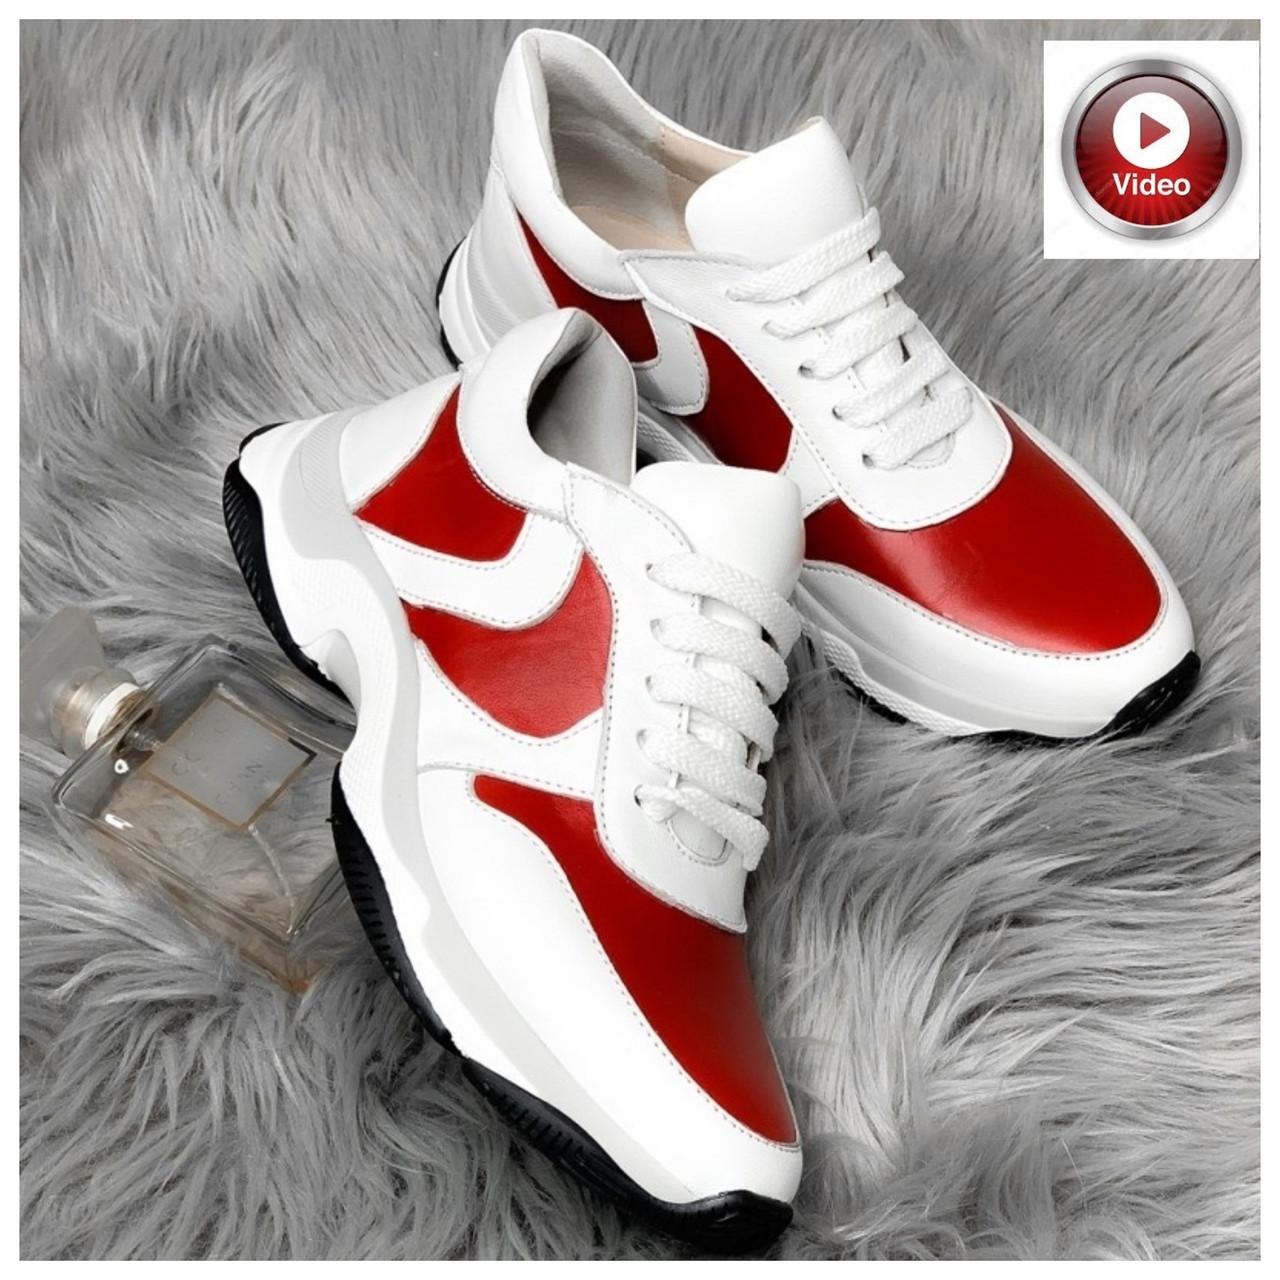 Стильные женские кроссовки №1241R-Белая Кожа-Красный